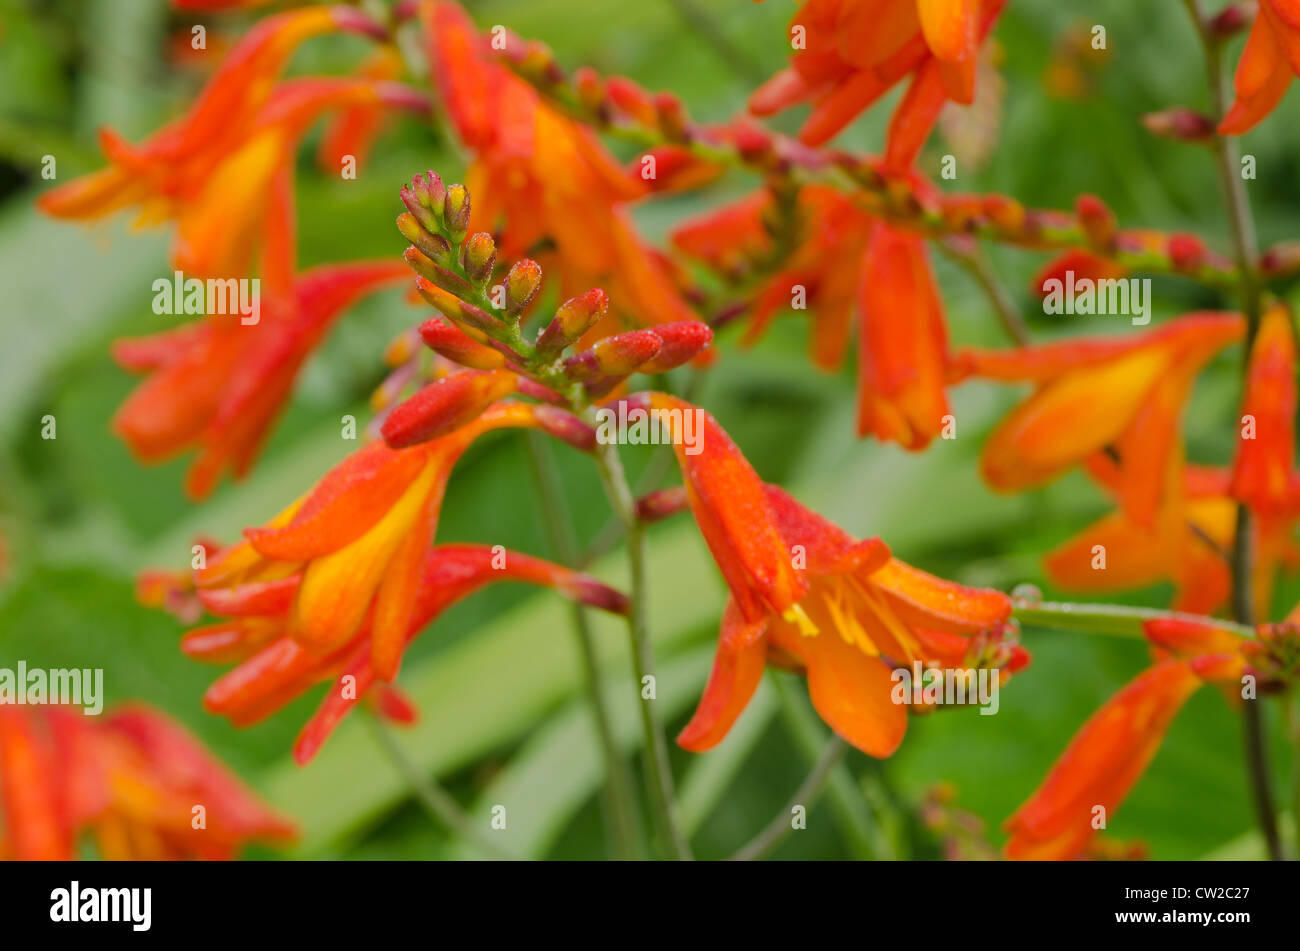 Crocosmia genus Iridaceae coppertips falling stars montbretia flowers against green  slender blade leaves Stock Photo